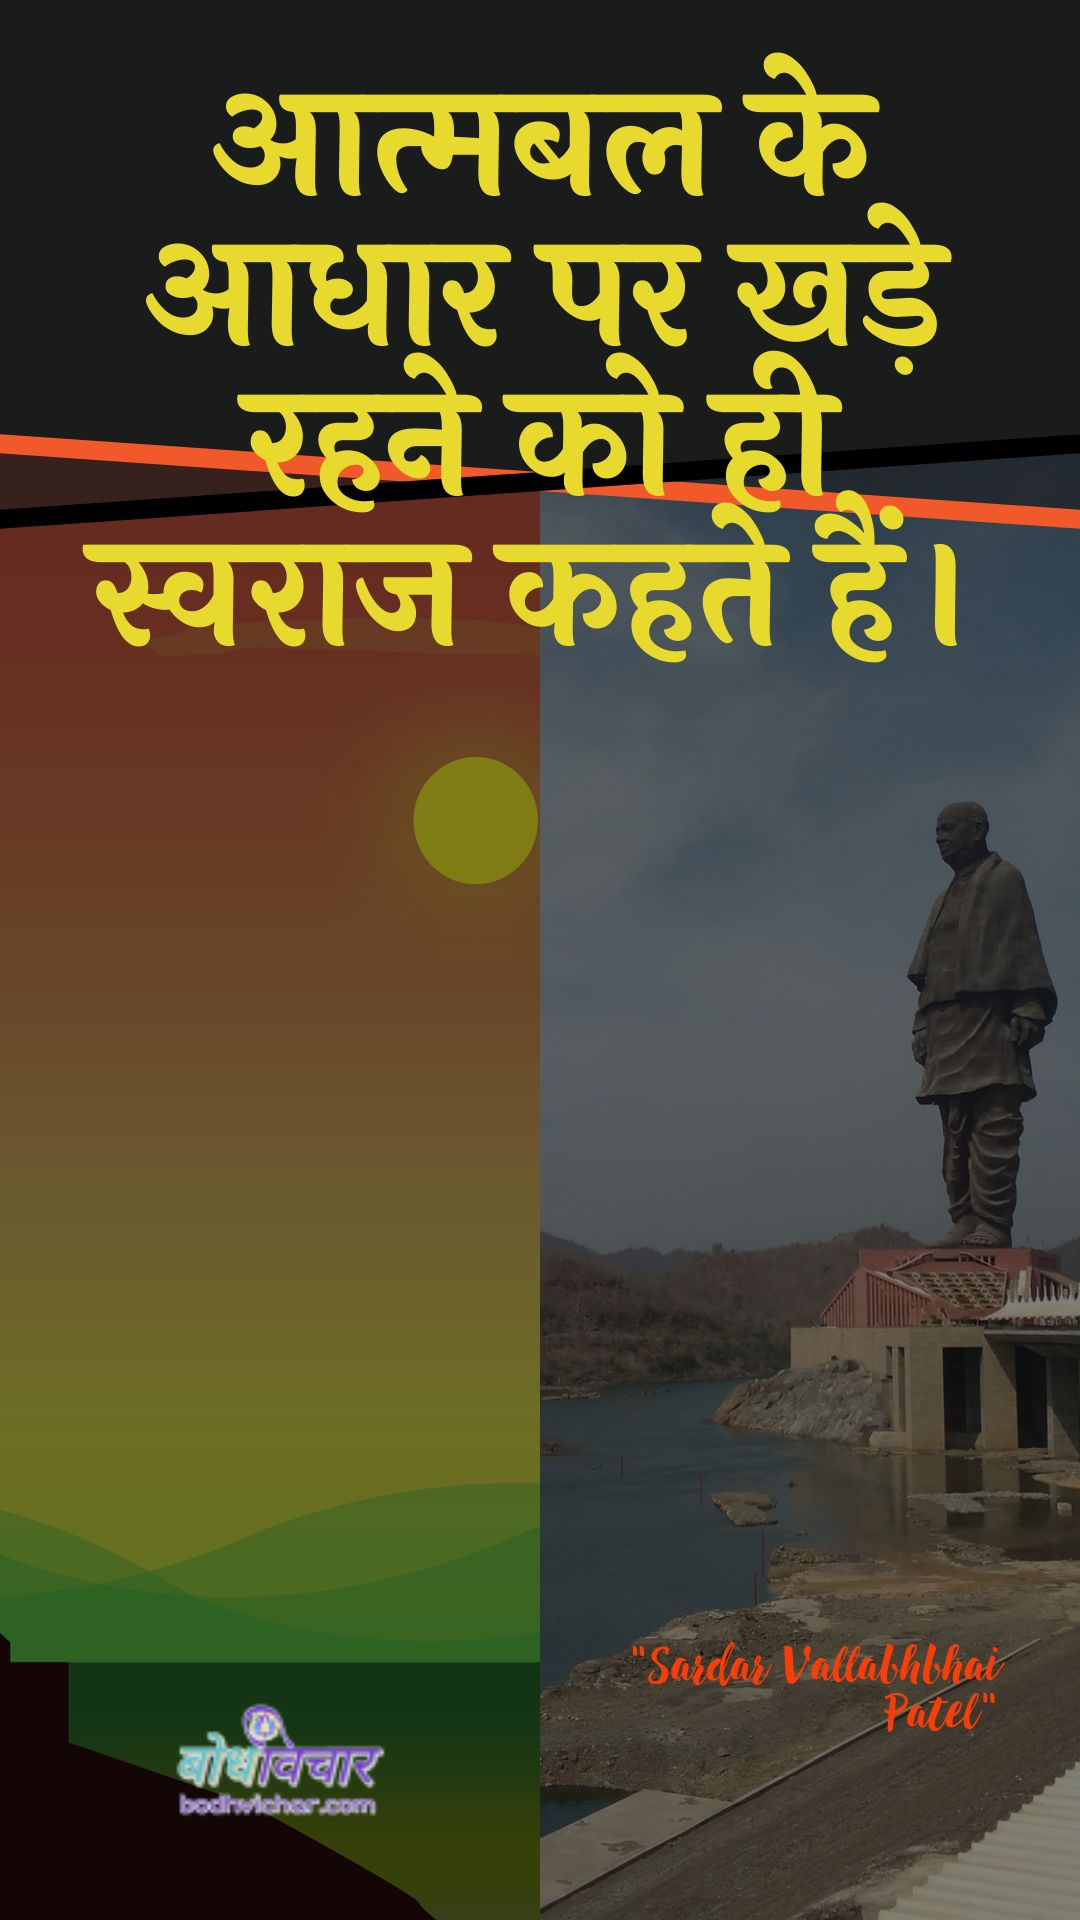 आत्मबल के आधार पर खड़े रहने को ही स्वराज कहते हैं। : Aatmabal ke aadhaar par khade rahane ko hee svaraaj kahate hain. - सरदार वल्लभ भाई पटेल